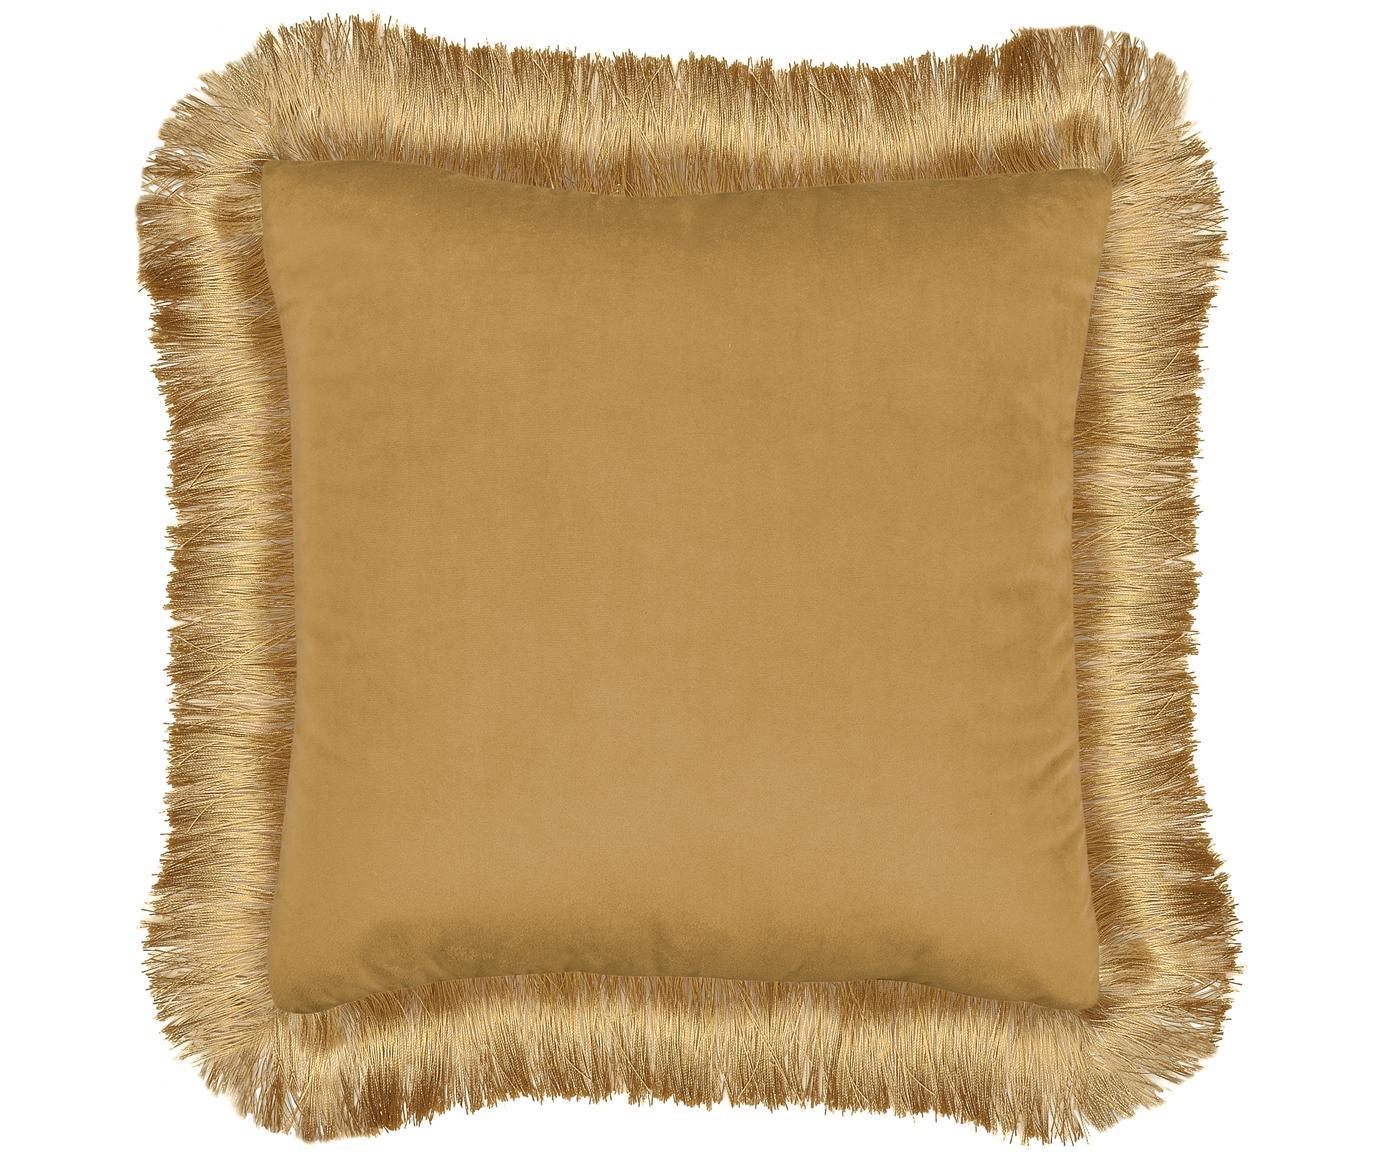 Cuscino con imbottitura Fringes, Marrone chiaro, Larg. 45 x Lung. 45 cm